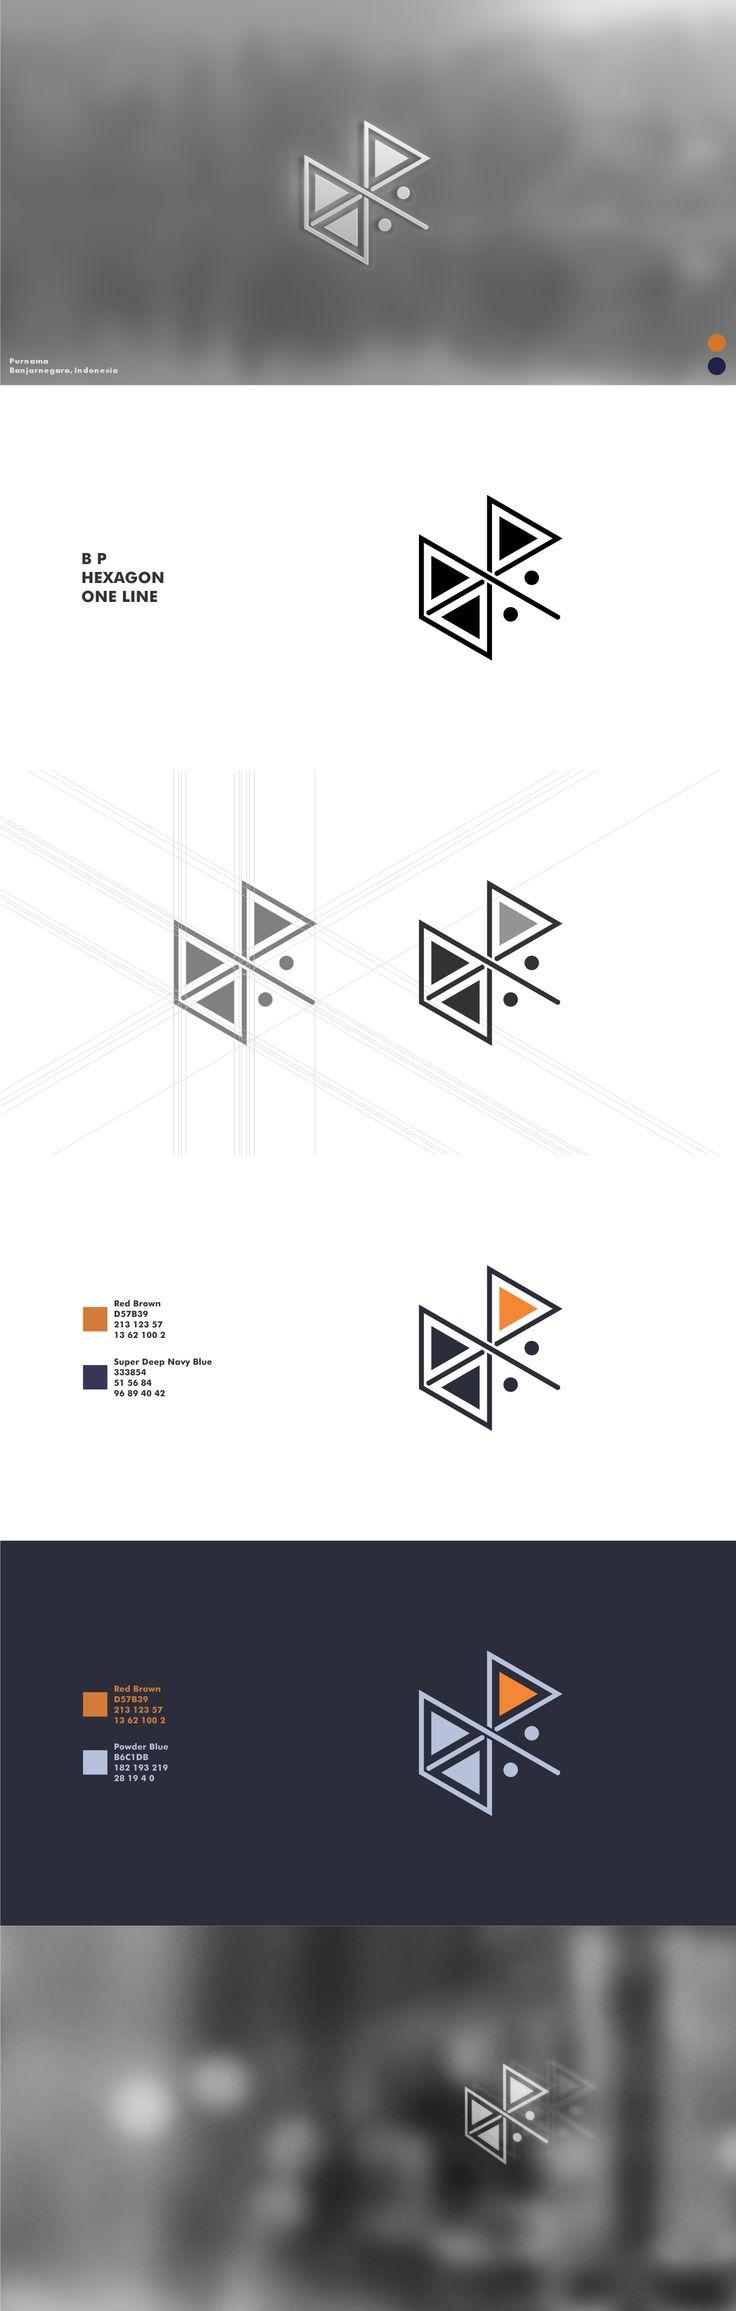 Purnama - Visual Identity #visual #identity #visualidentity #logo #graphic #design #graphicdesign #digitalart #presentation #portfolio